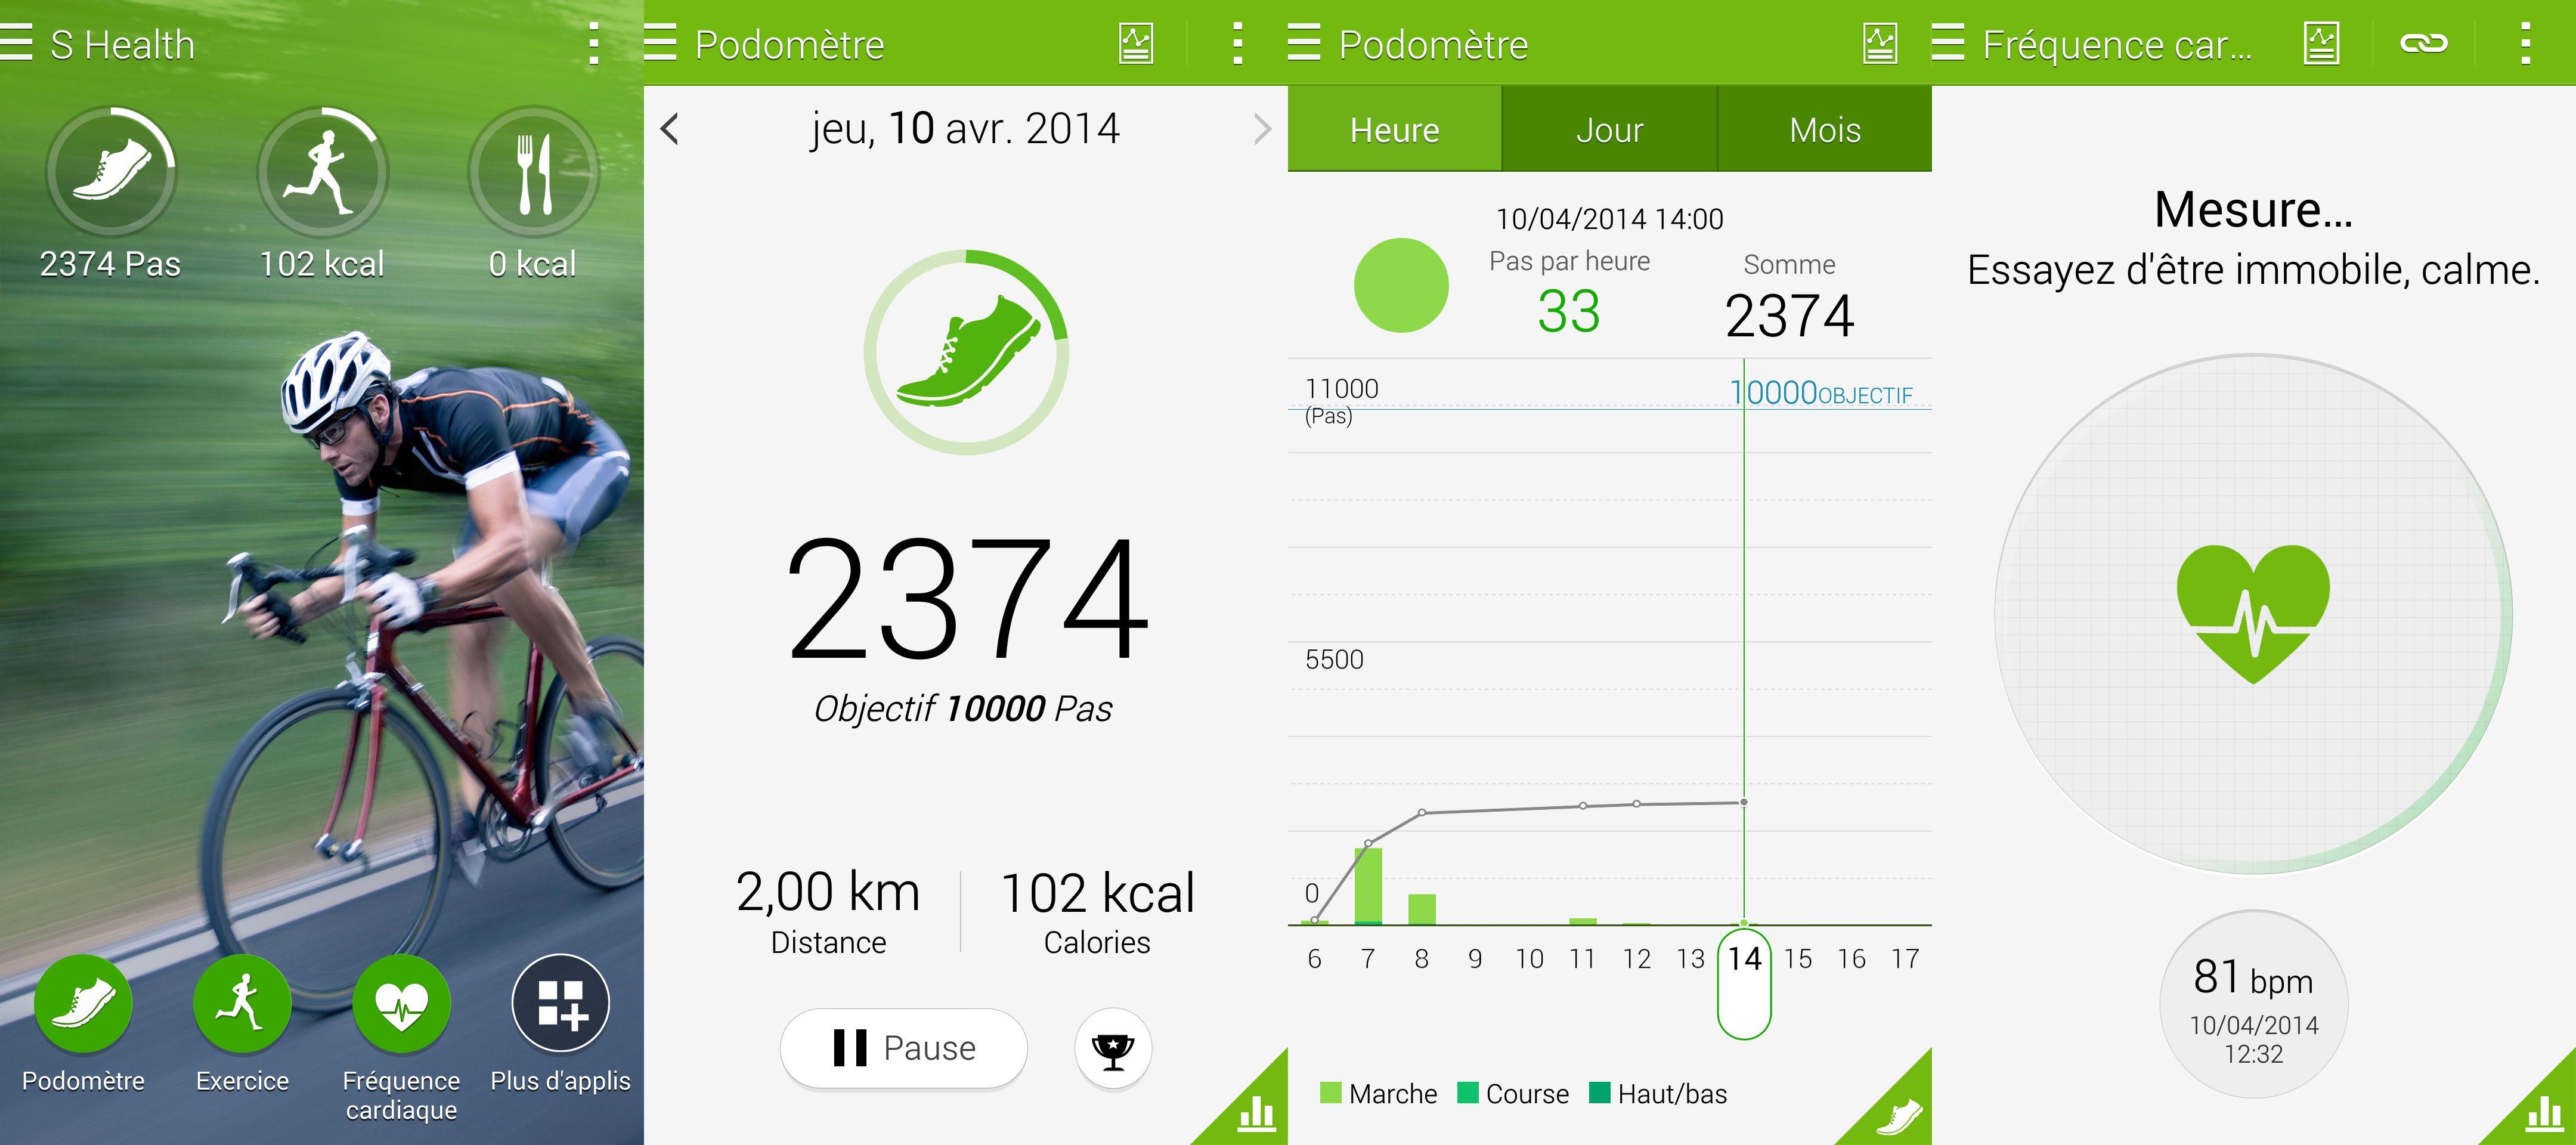 [MAJ] Samsung S Health est désormais utilisable sur tous les mobiles